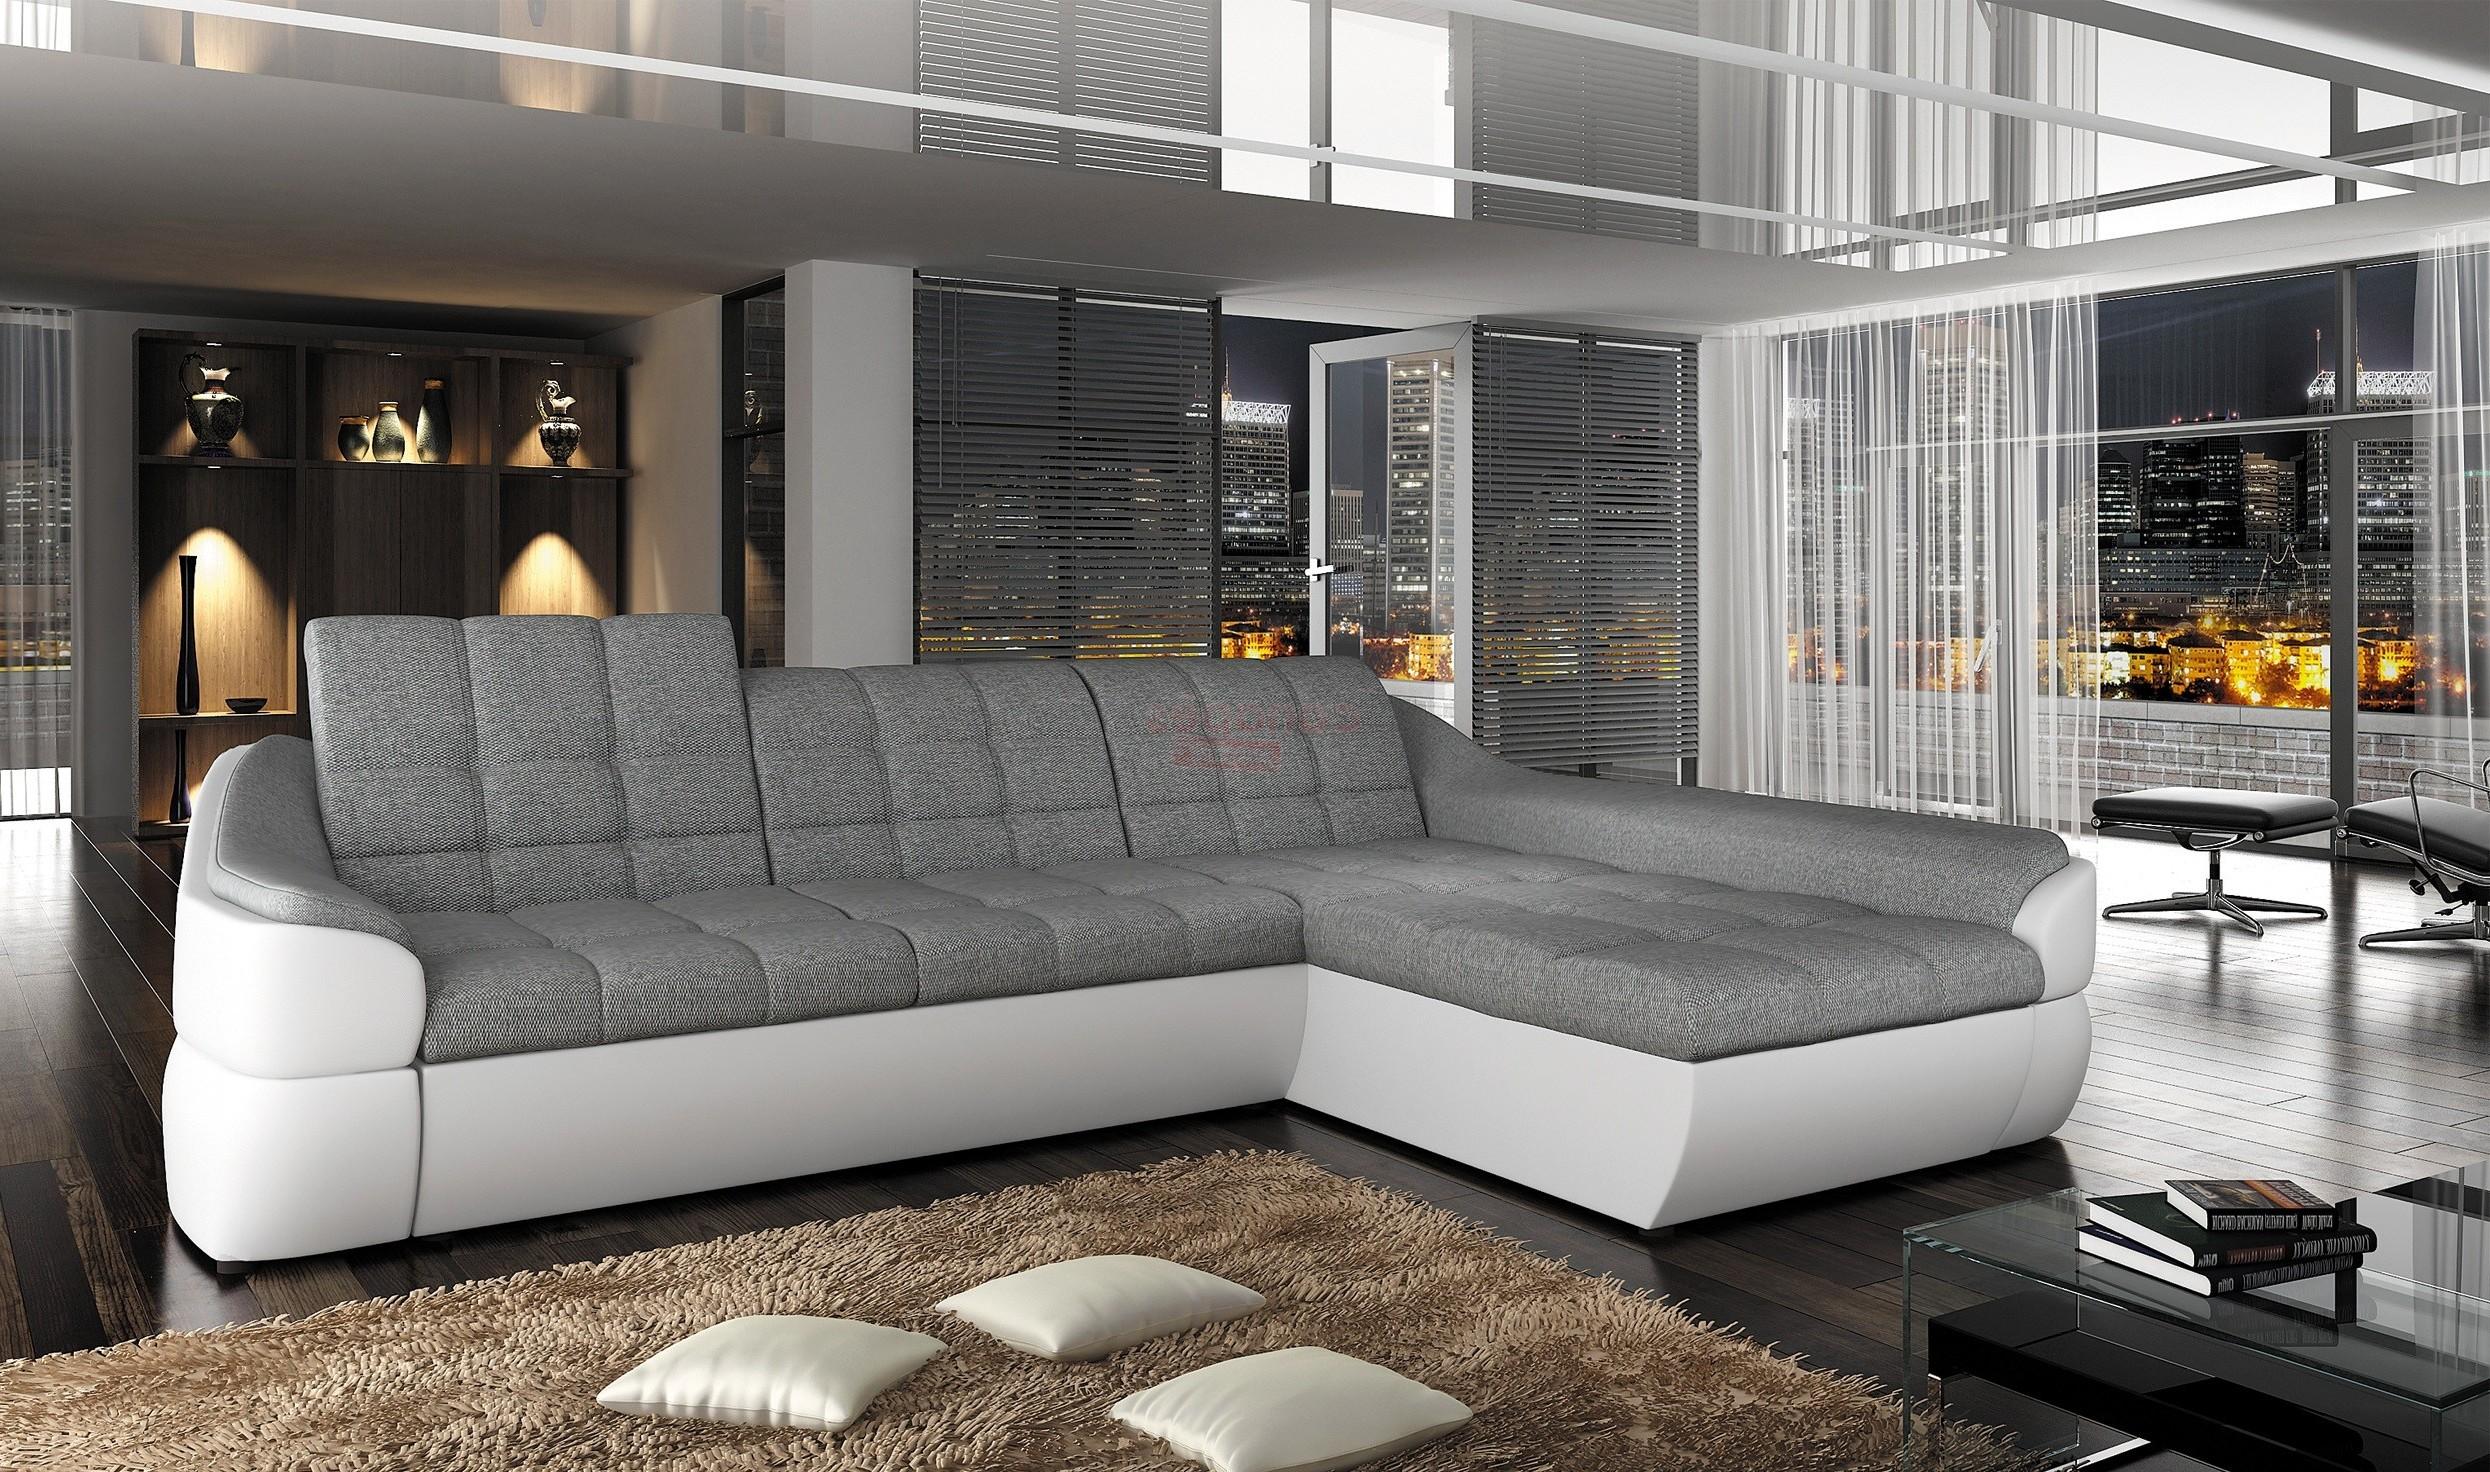 Grand Canape Angle Tissu Canapé Idées de Décoration de Maison